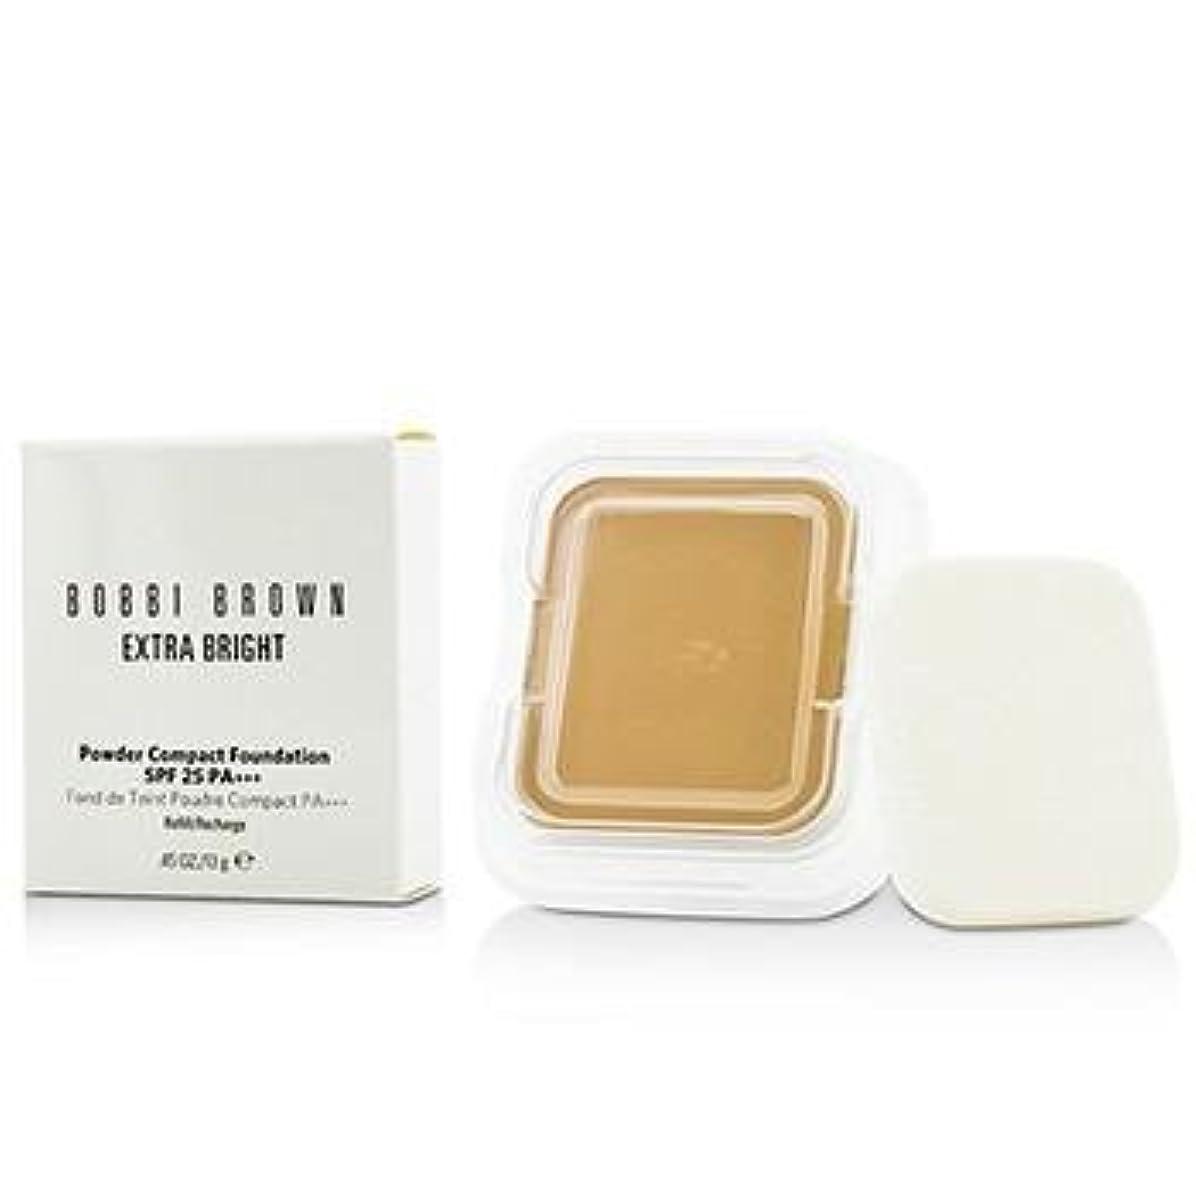 ガスレーニン主義描写ボビイブラウン Extra Bright Powder Compact Foundation SPF 25 Refill - #2.5 Warm Sand 13g/0.45oz